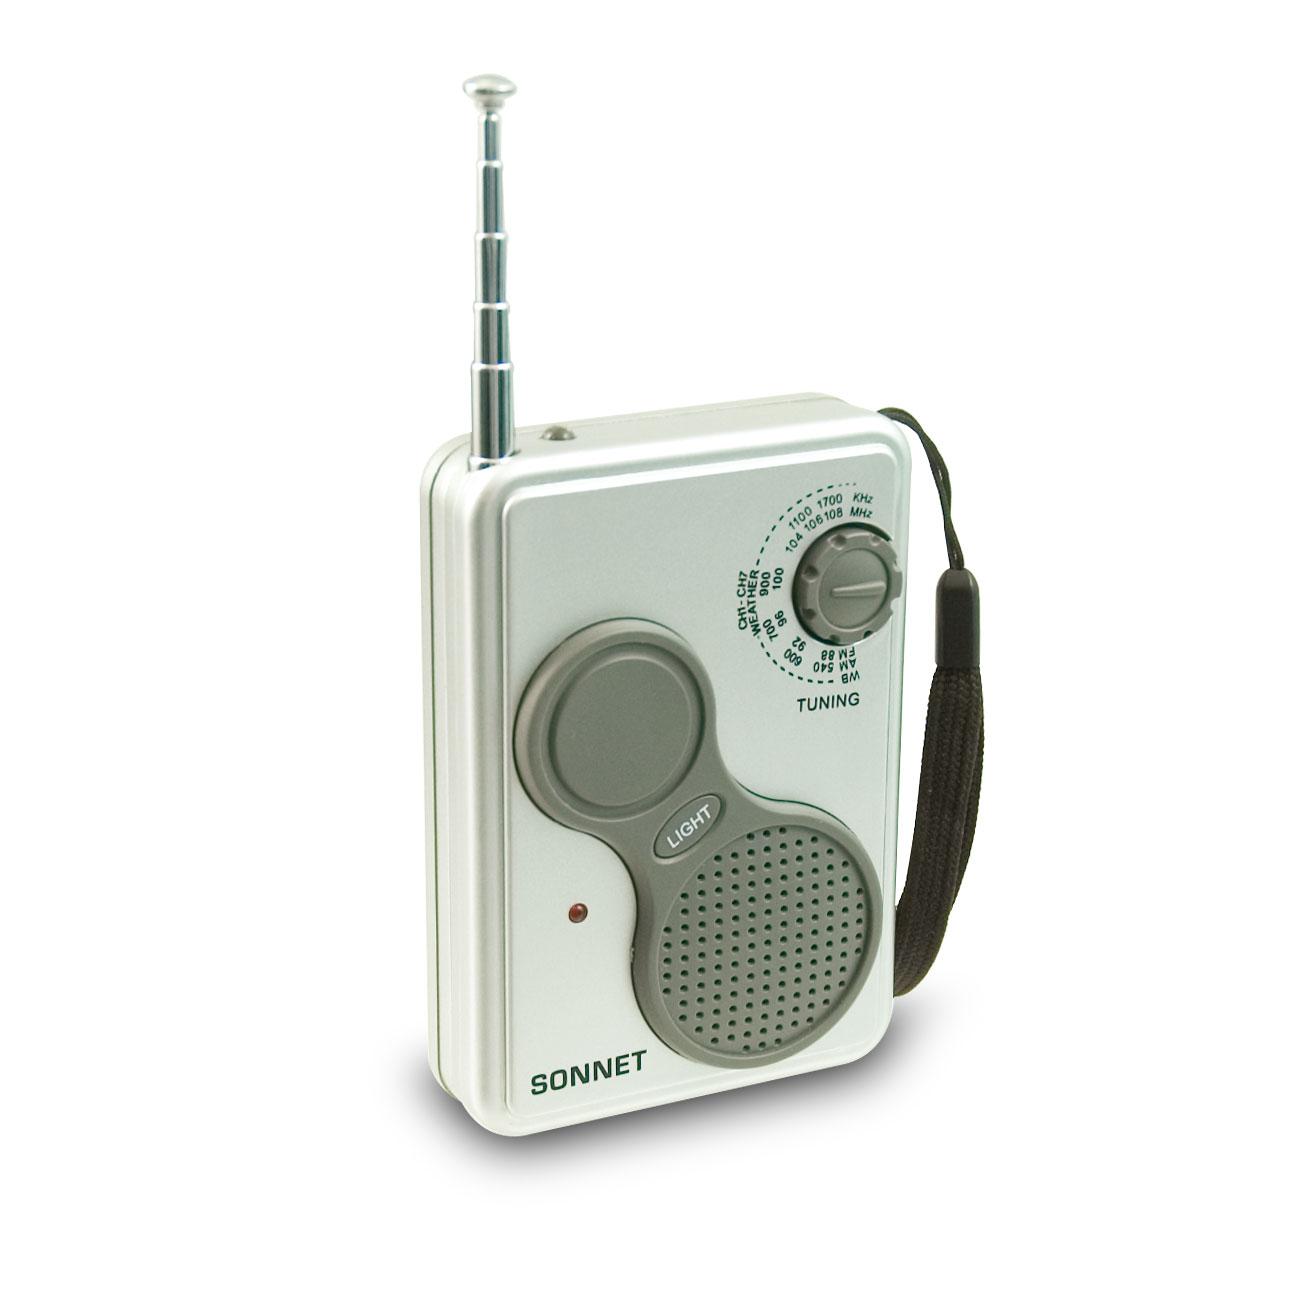 Portable Pocket-Size AM-FM Weather Band LED Flashlight Radio